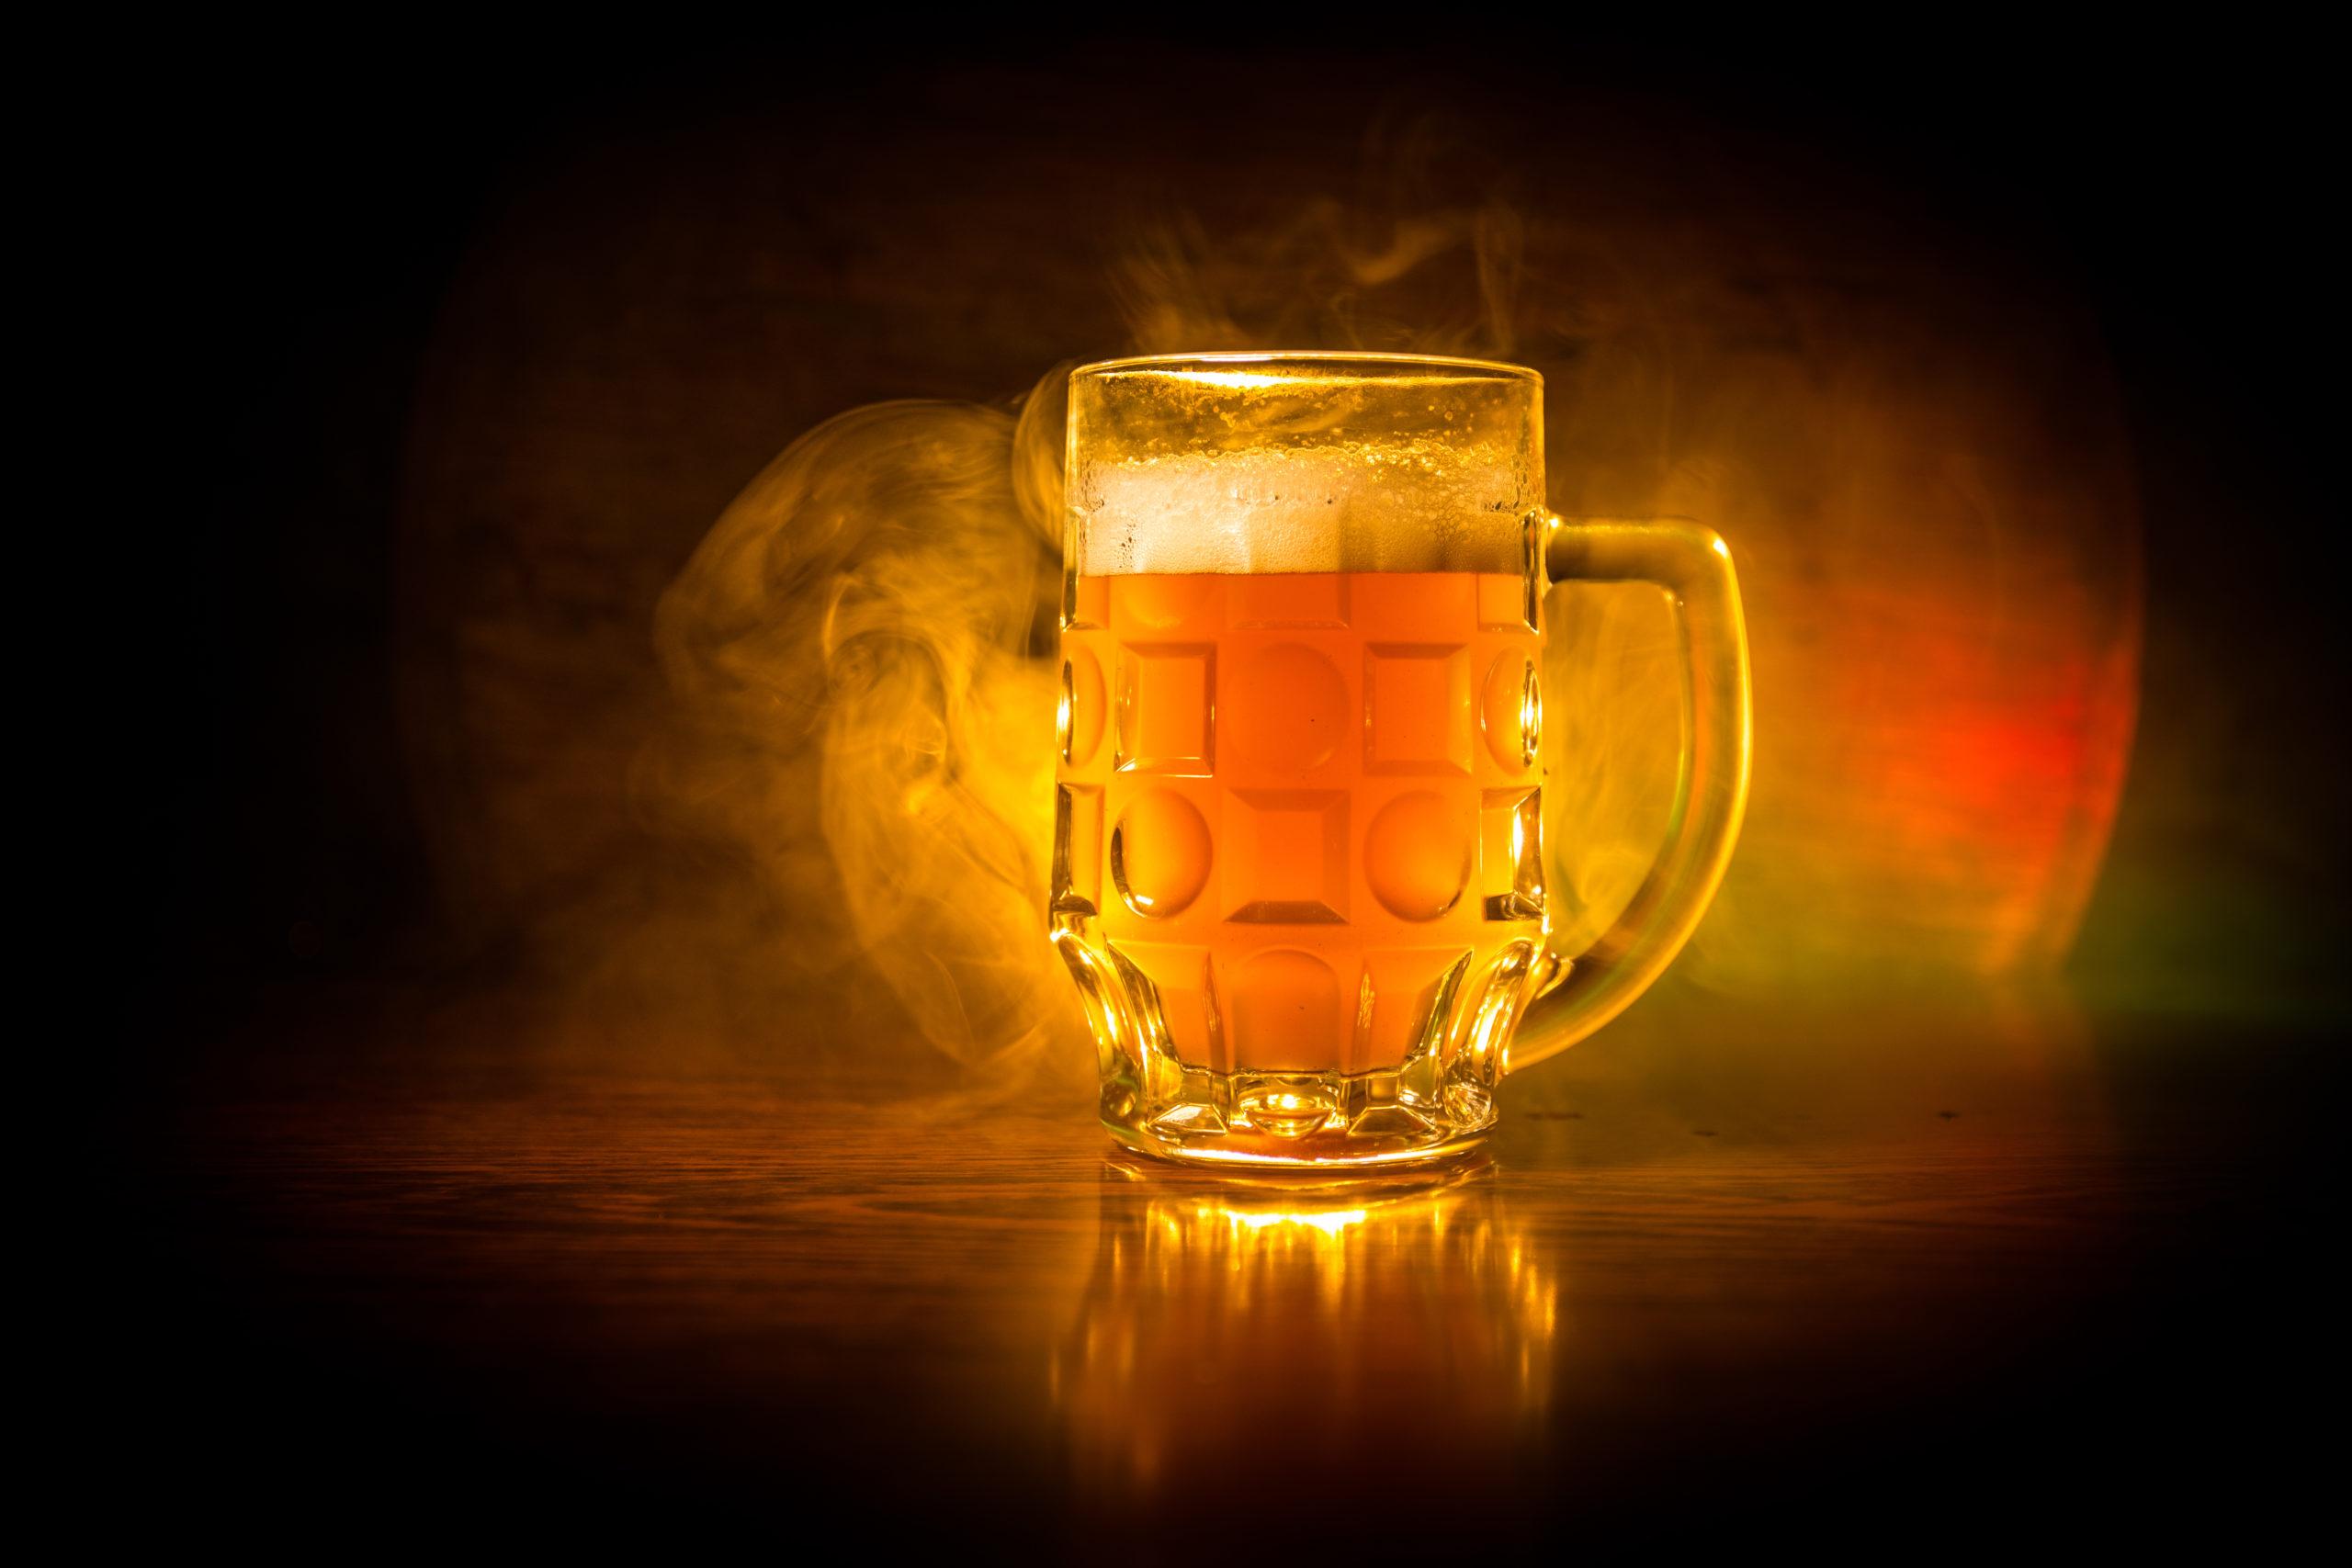 Beer in a pint mug.